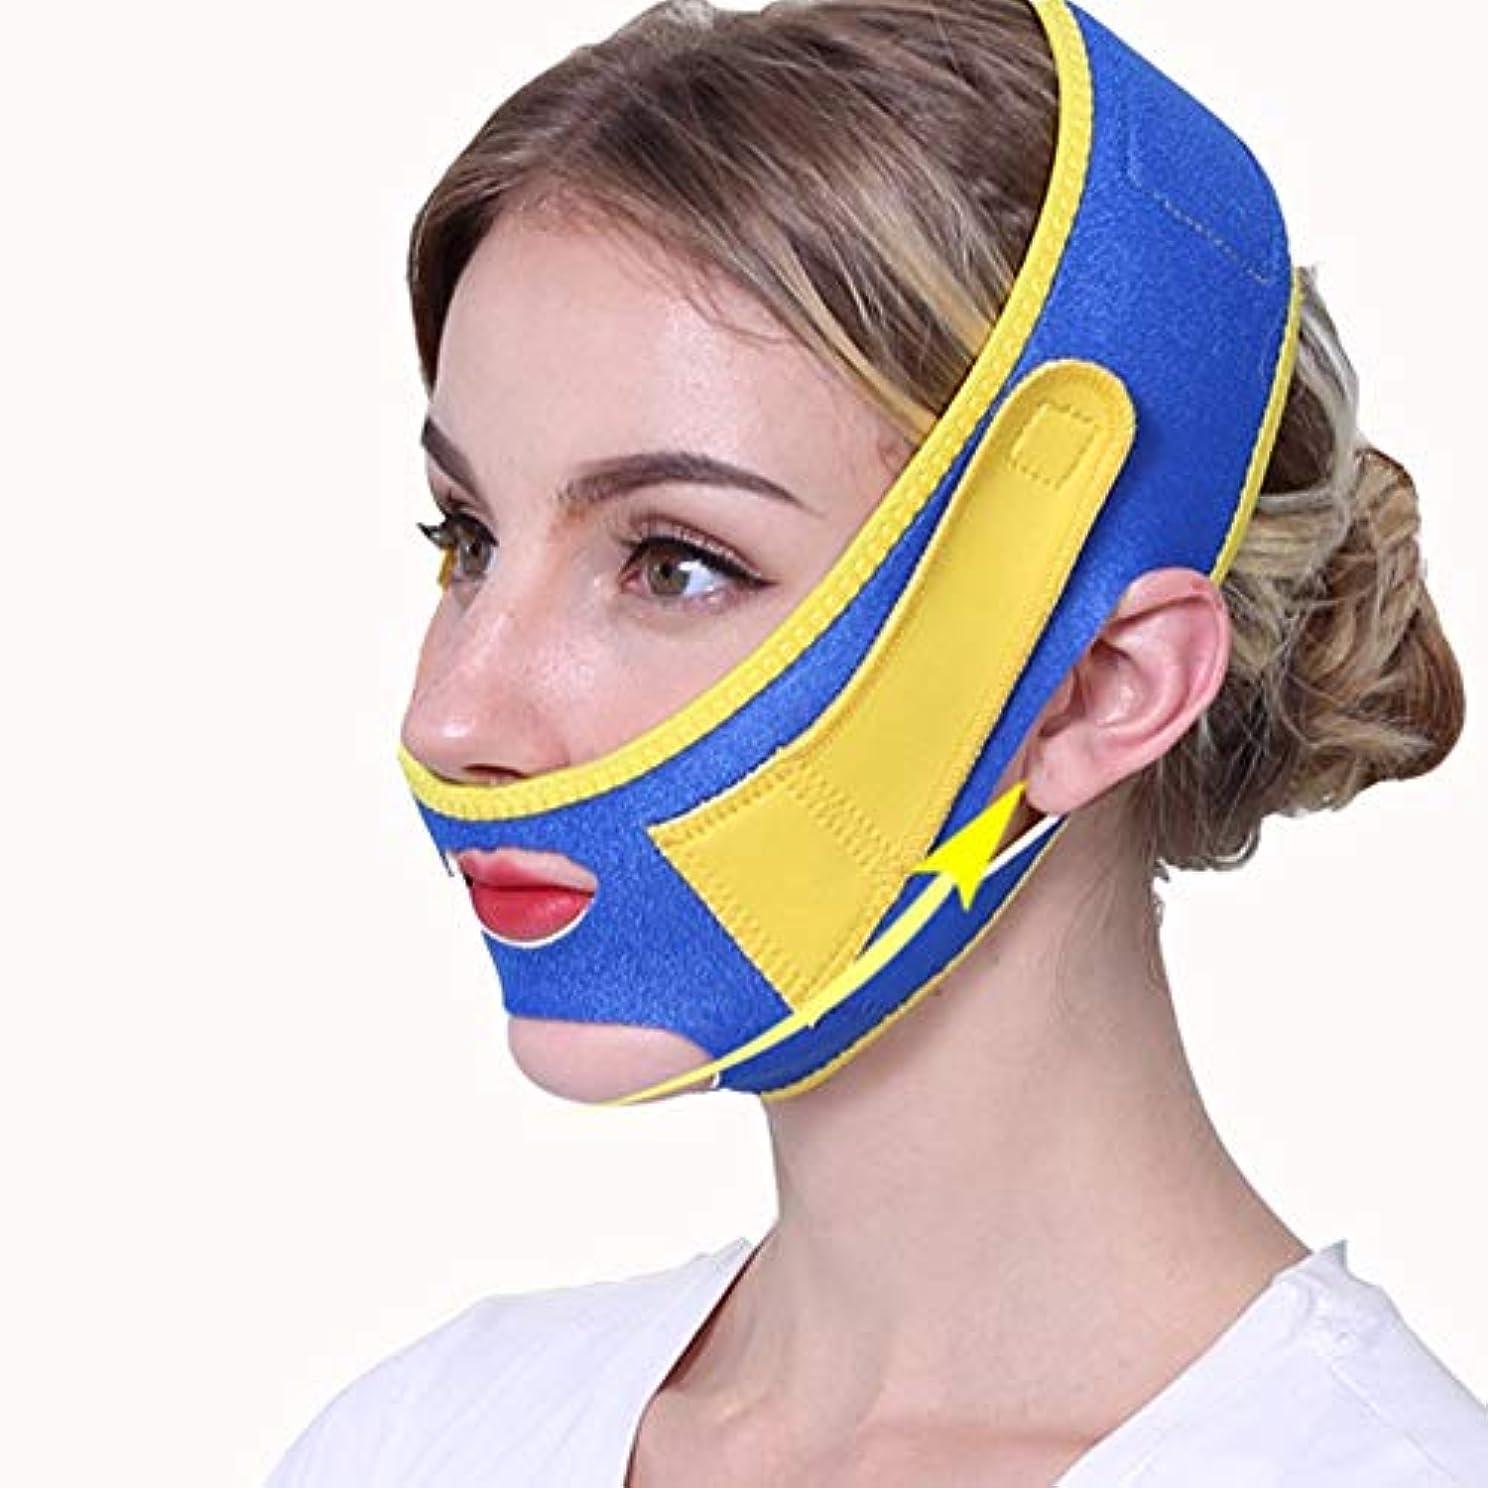 日食表向き震えGYZ フェイシャルリフティング痩身ベルトフェイス包帯マスク整形マスクフェイスベルトを引き締める薄型フェイス包帯整形マスクフェイスと首の顔を引き締めスリム Thin Face Belt